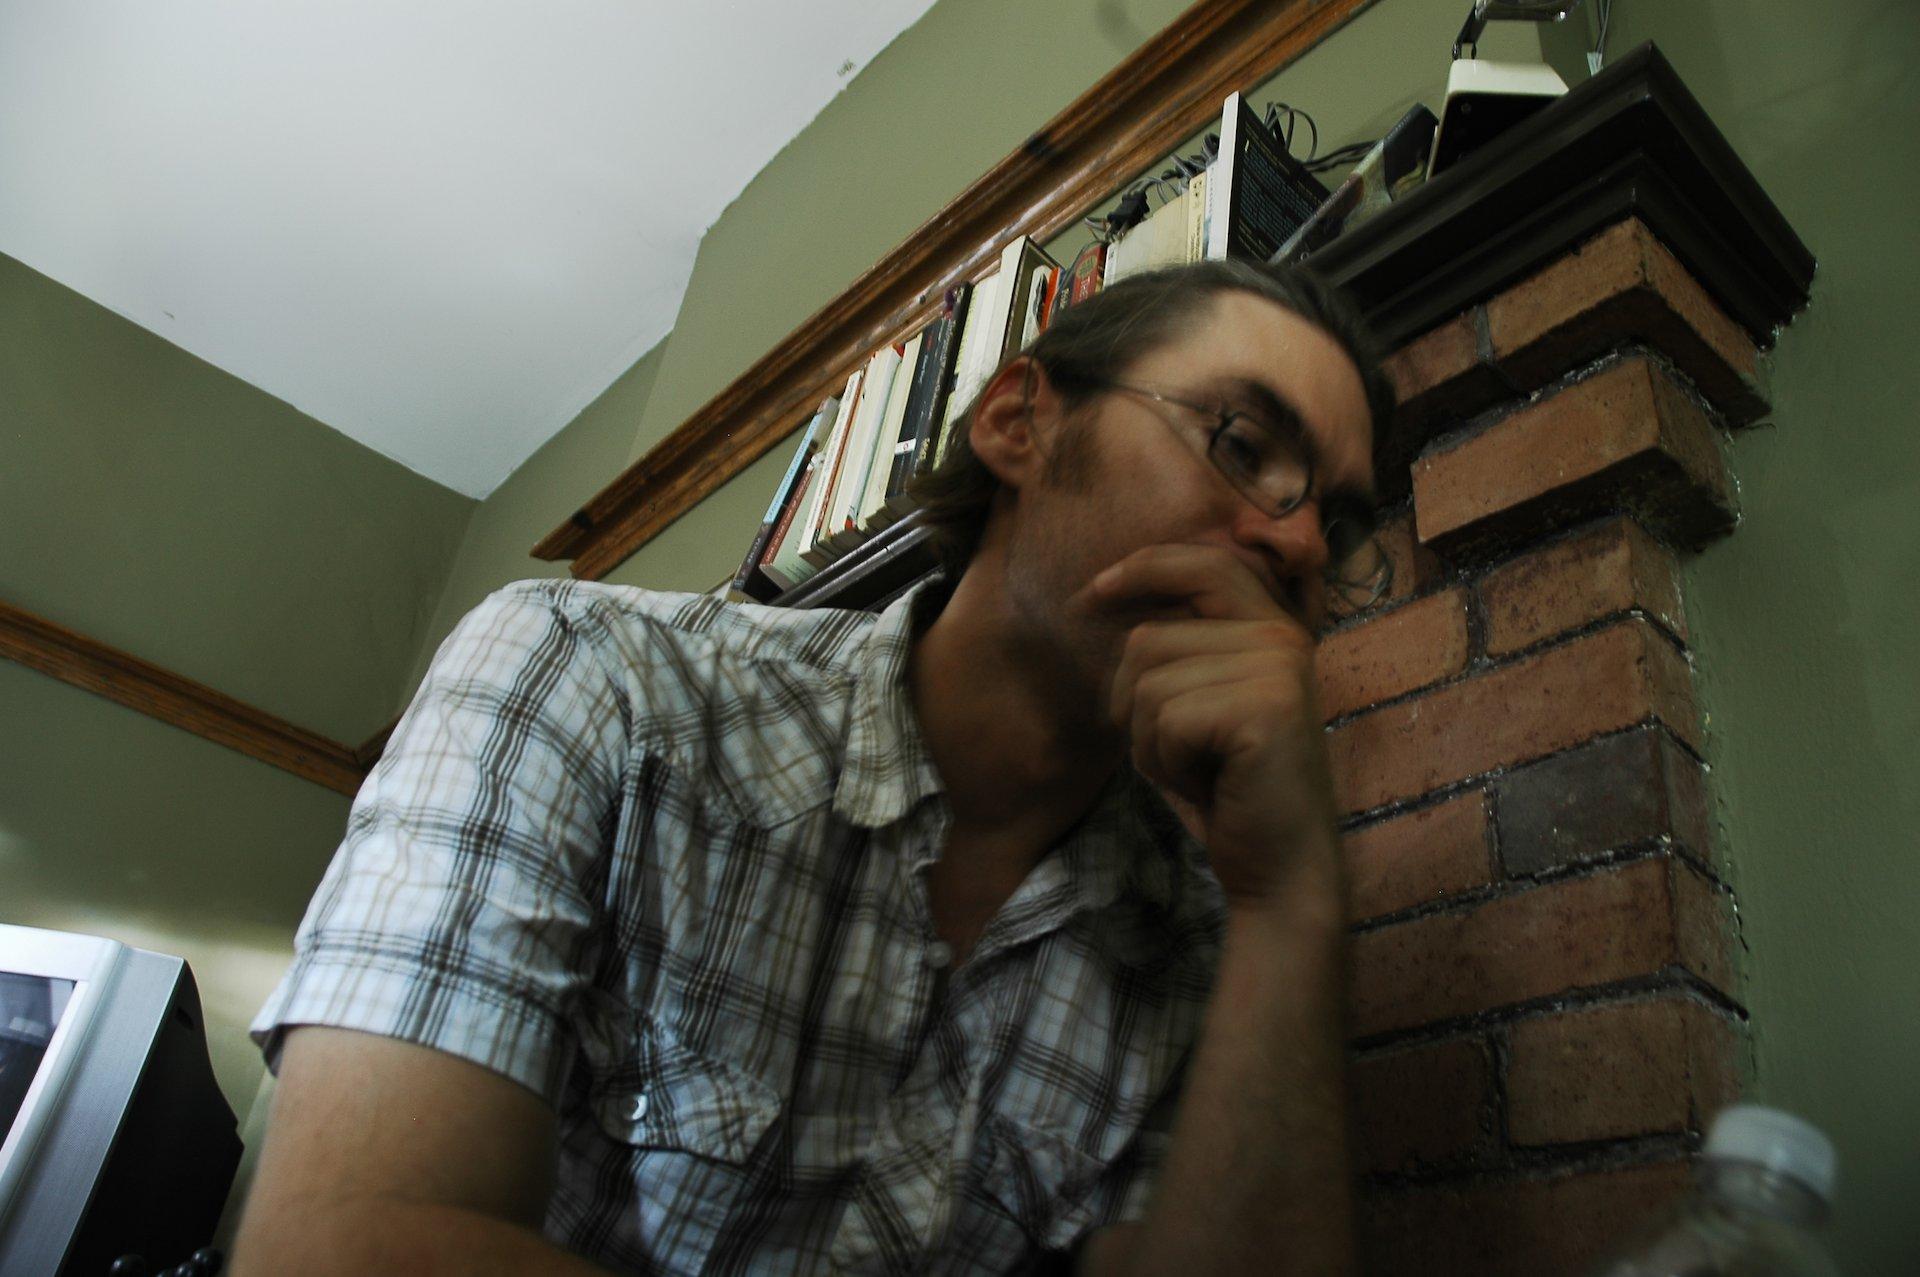 Director/Editor, Ken Simpson